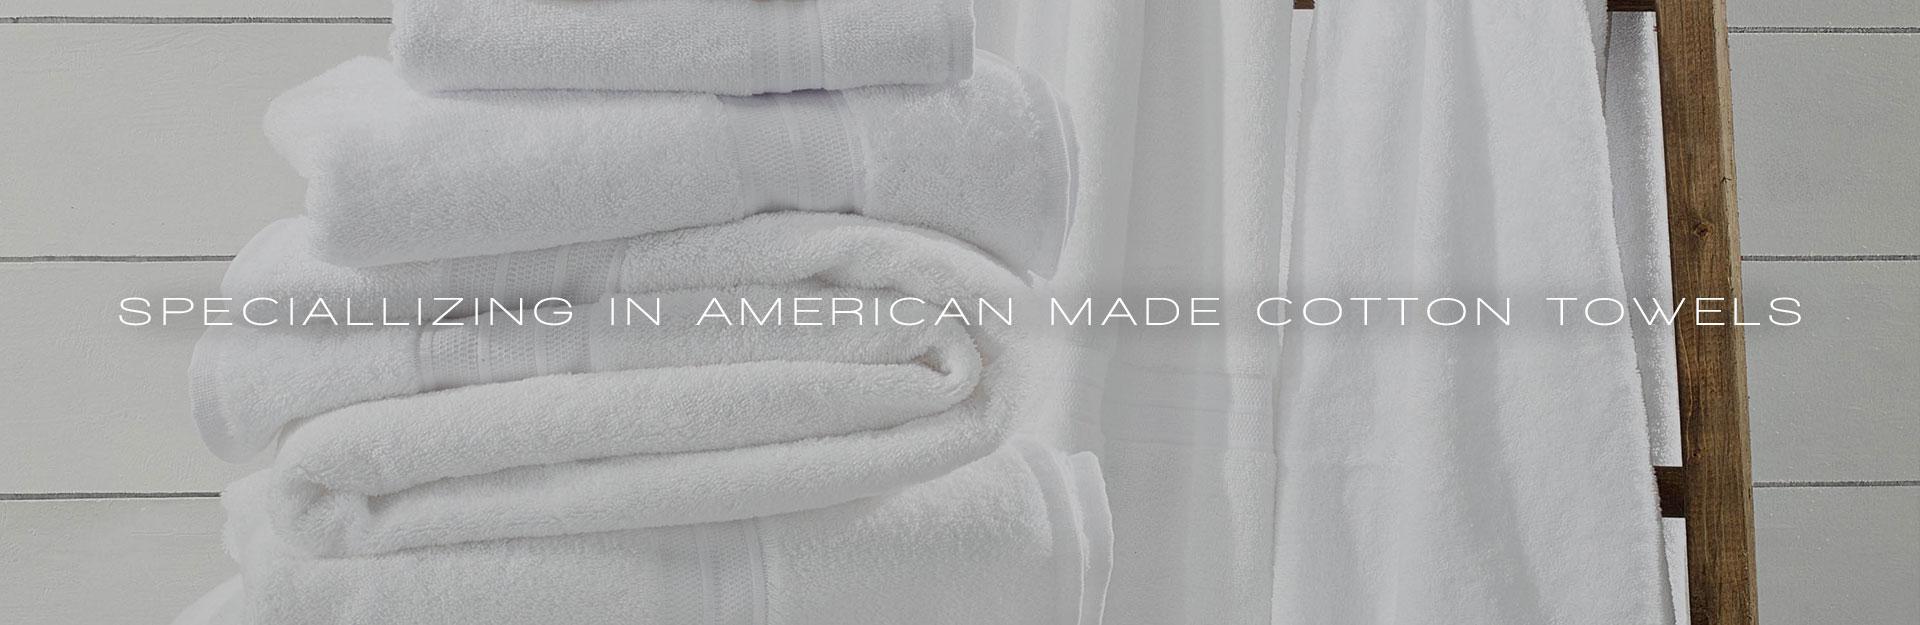 abh-towels.jpg